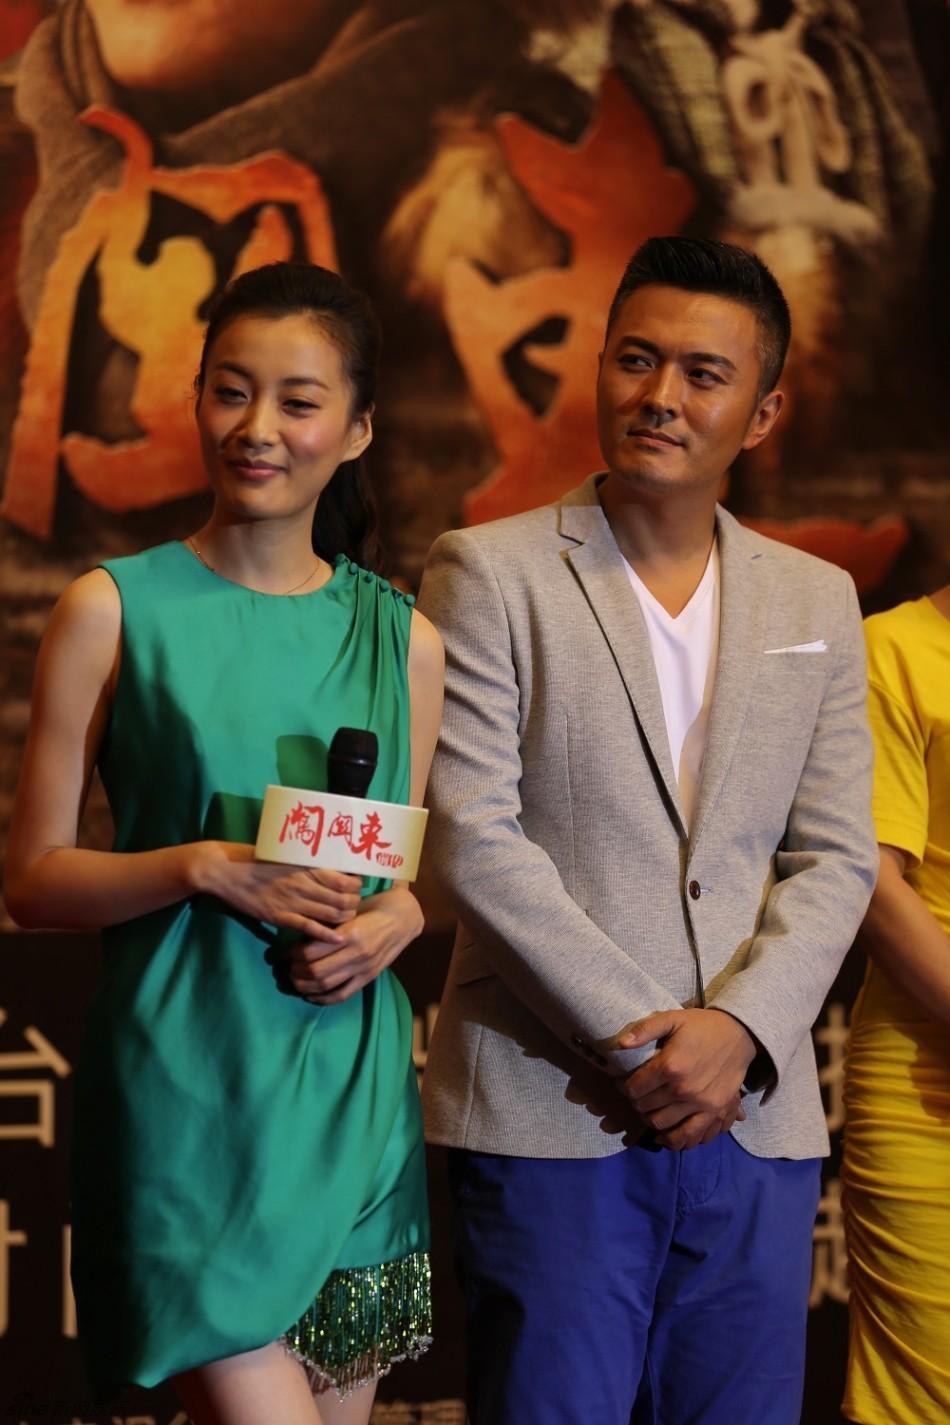 http://www.sinaimg.cn/dy/slidenews/4_img/2013_20/704_970977_231084.jpg